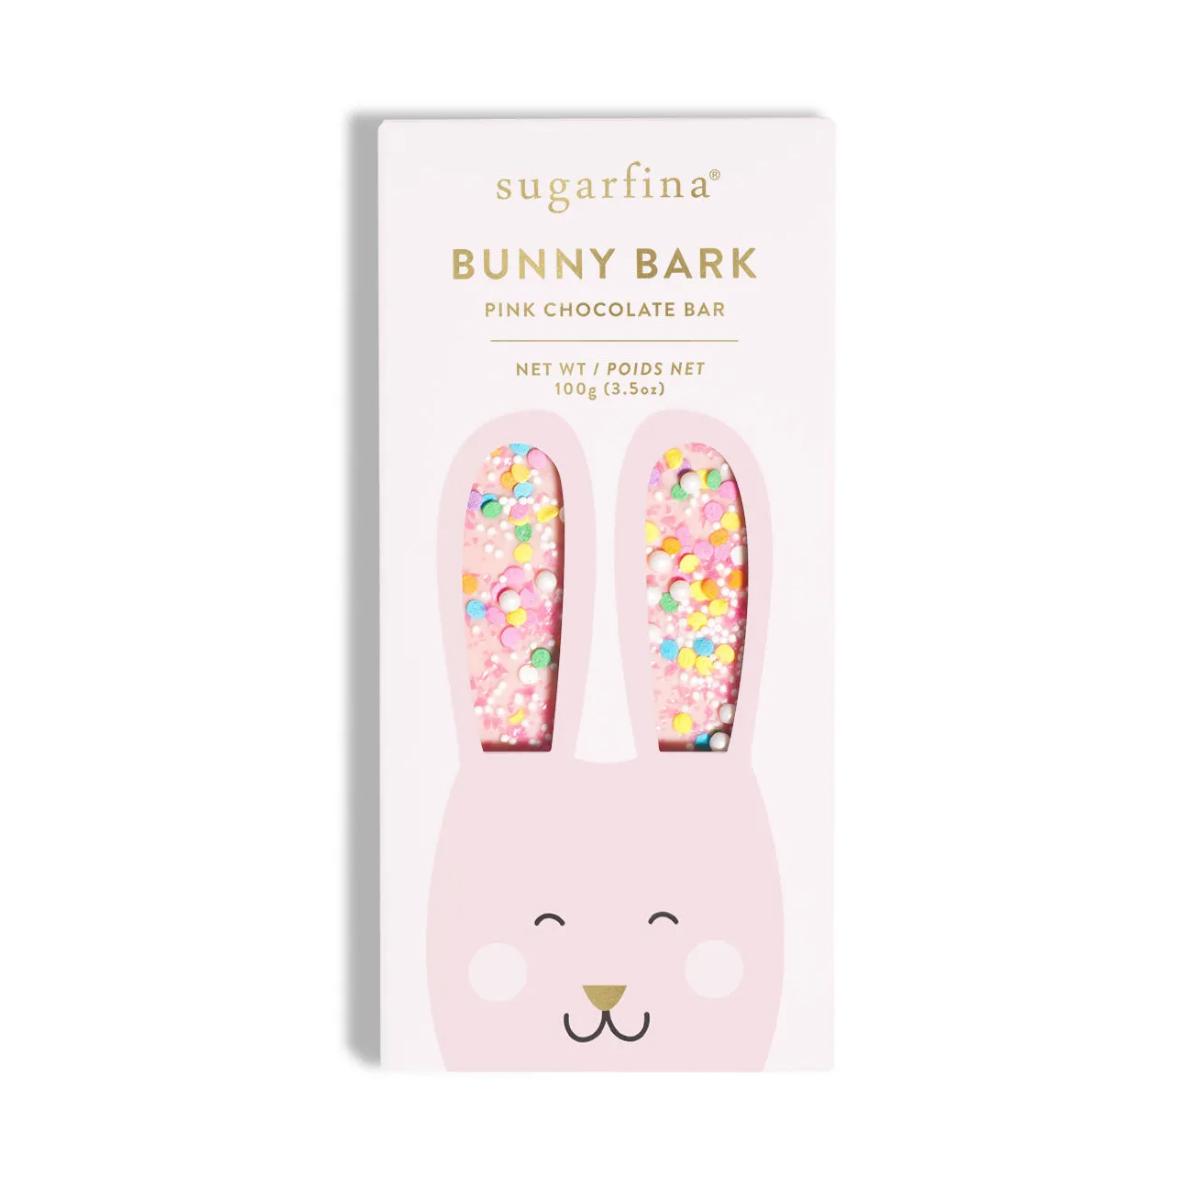 Sugarfina.BunnyBark.jpg